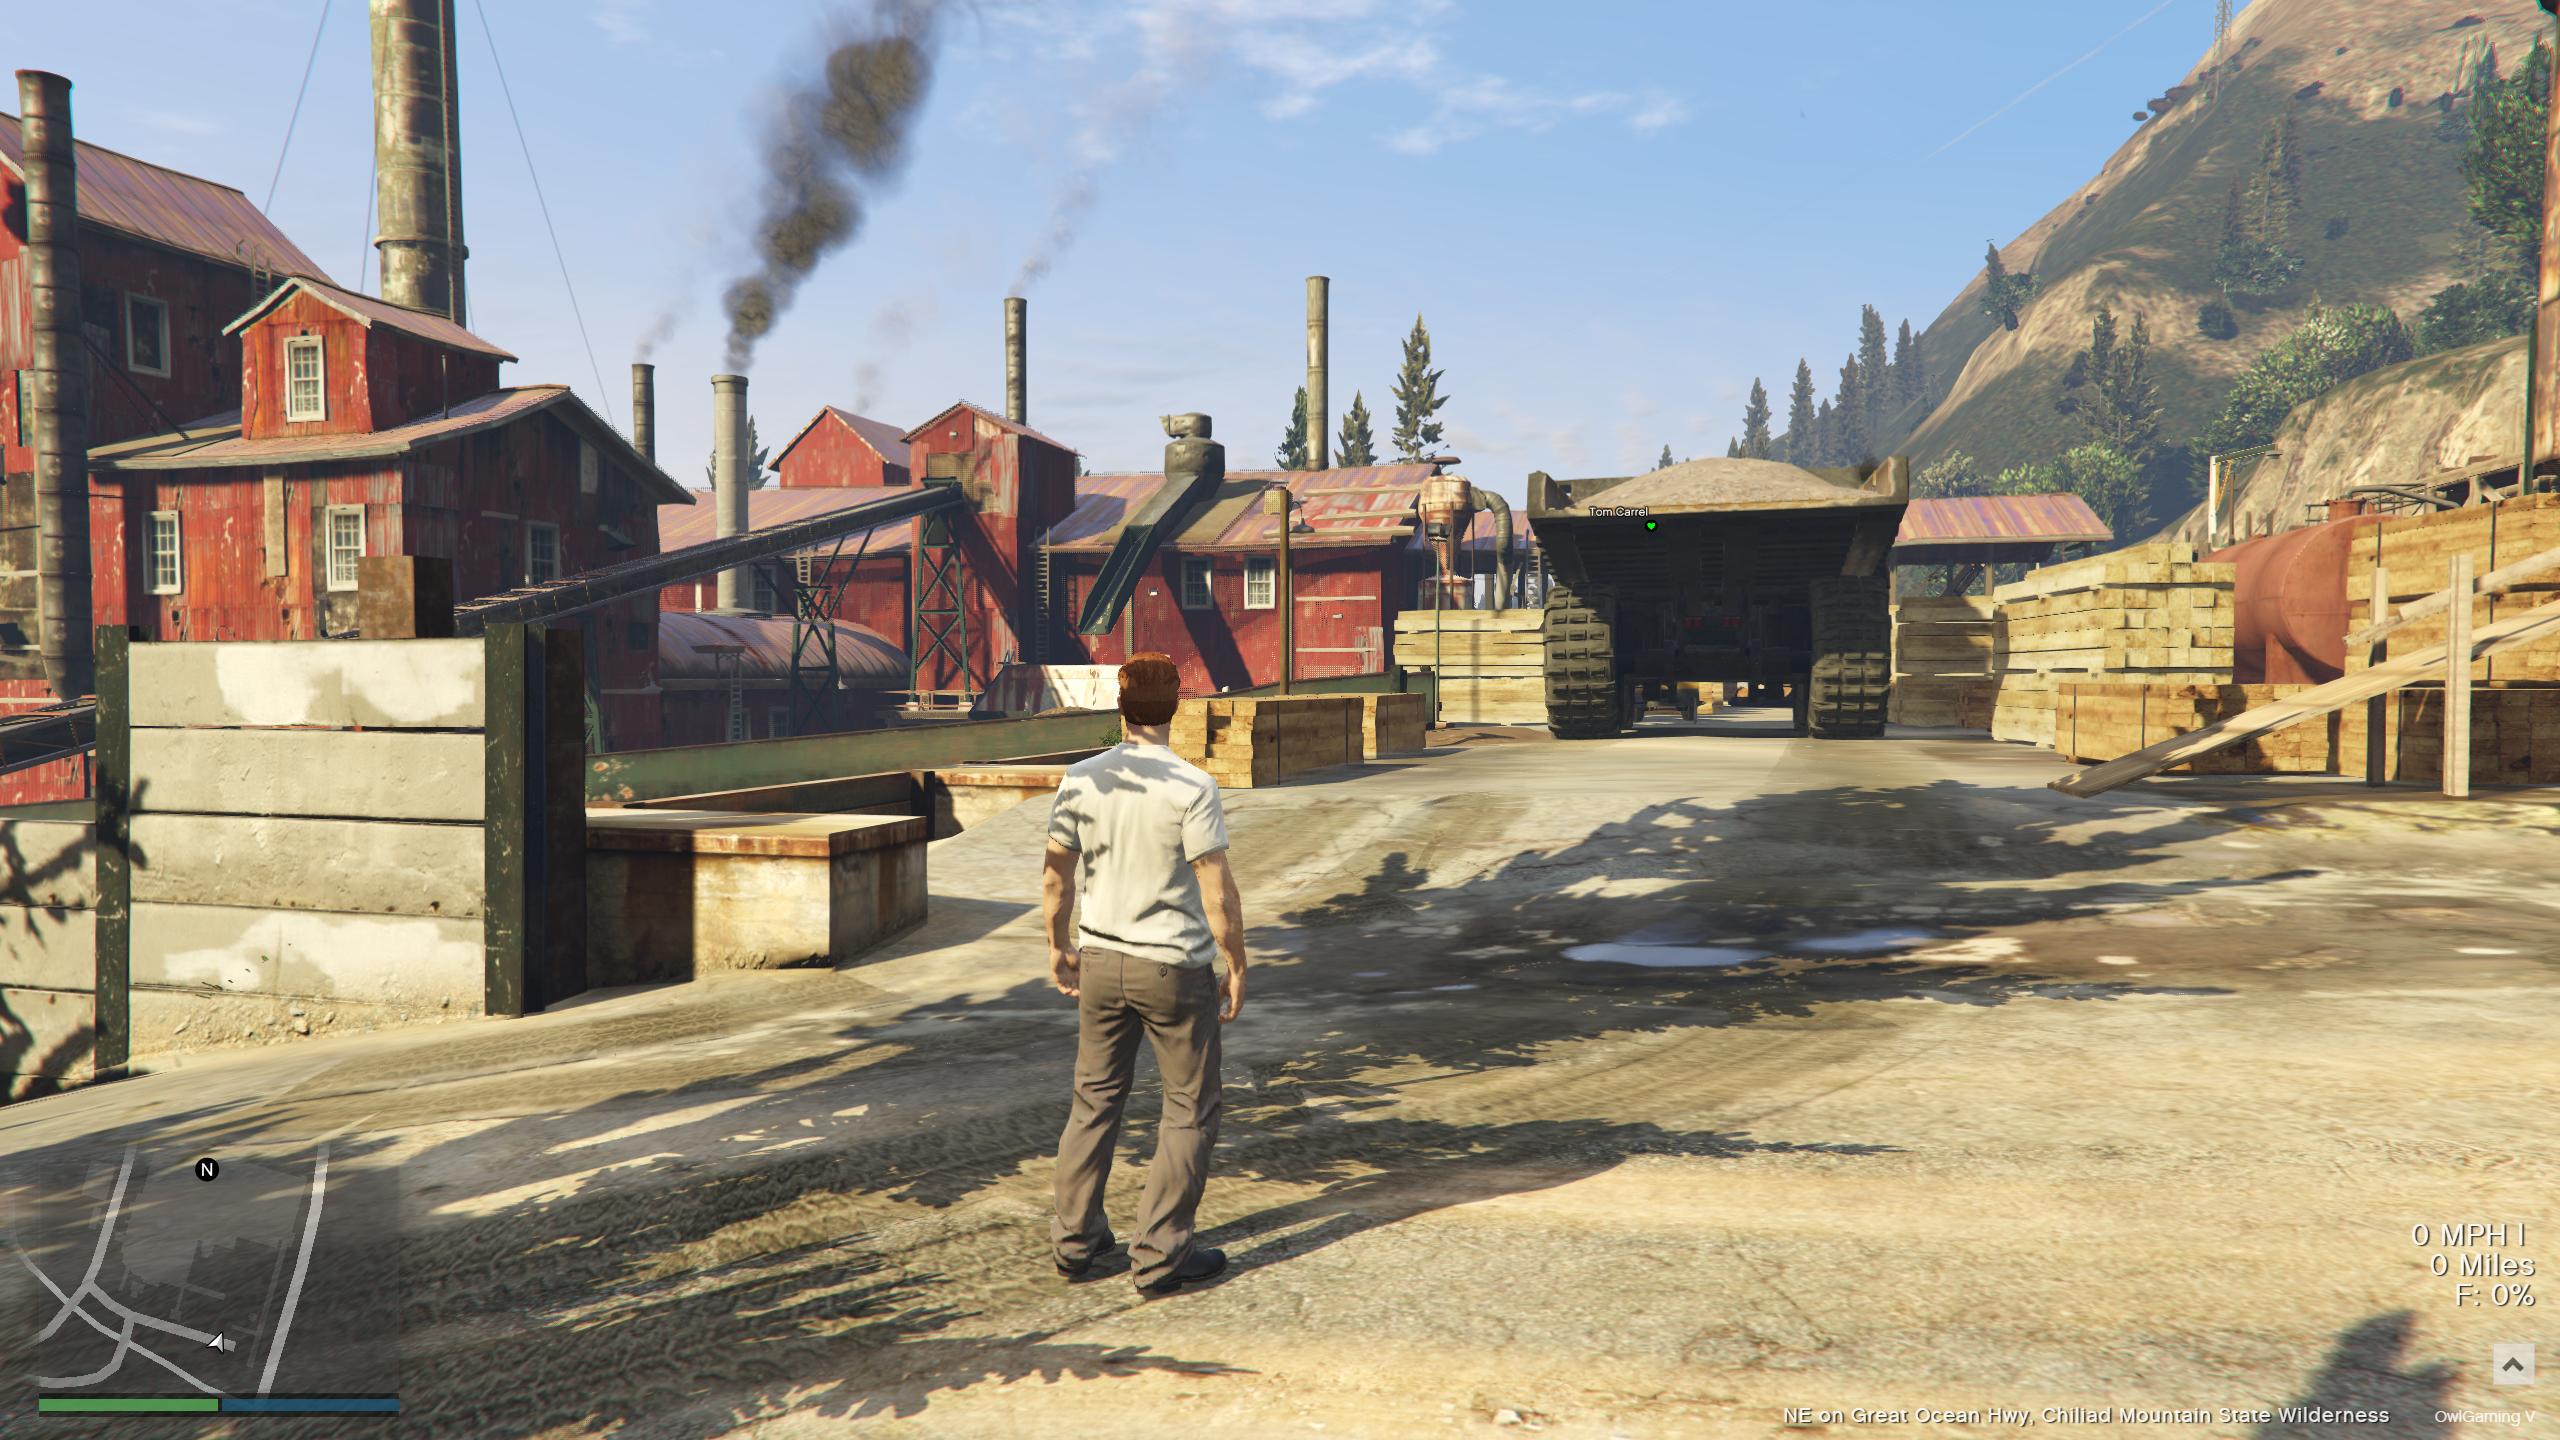 Grand_Theft_Auto_V_Screenshot_2020.05.01